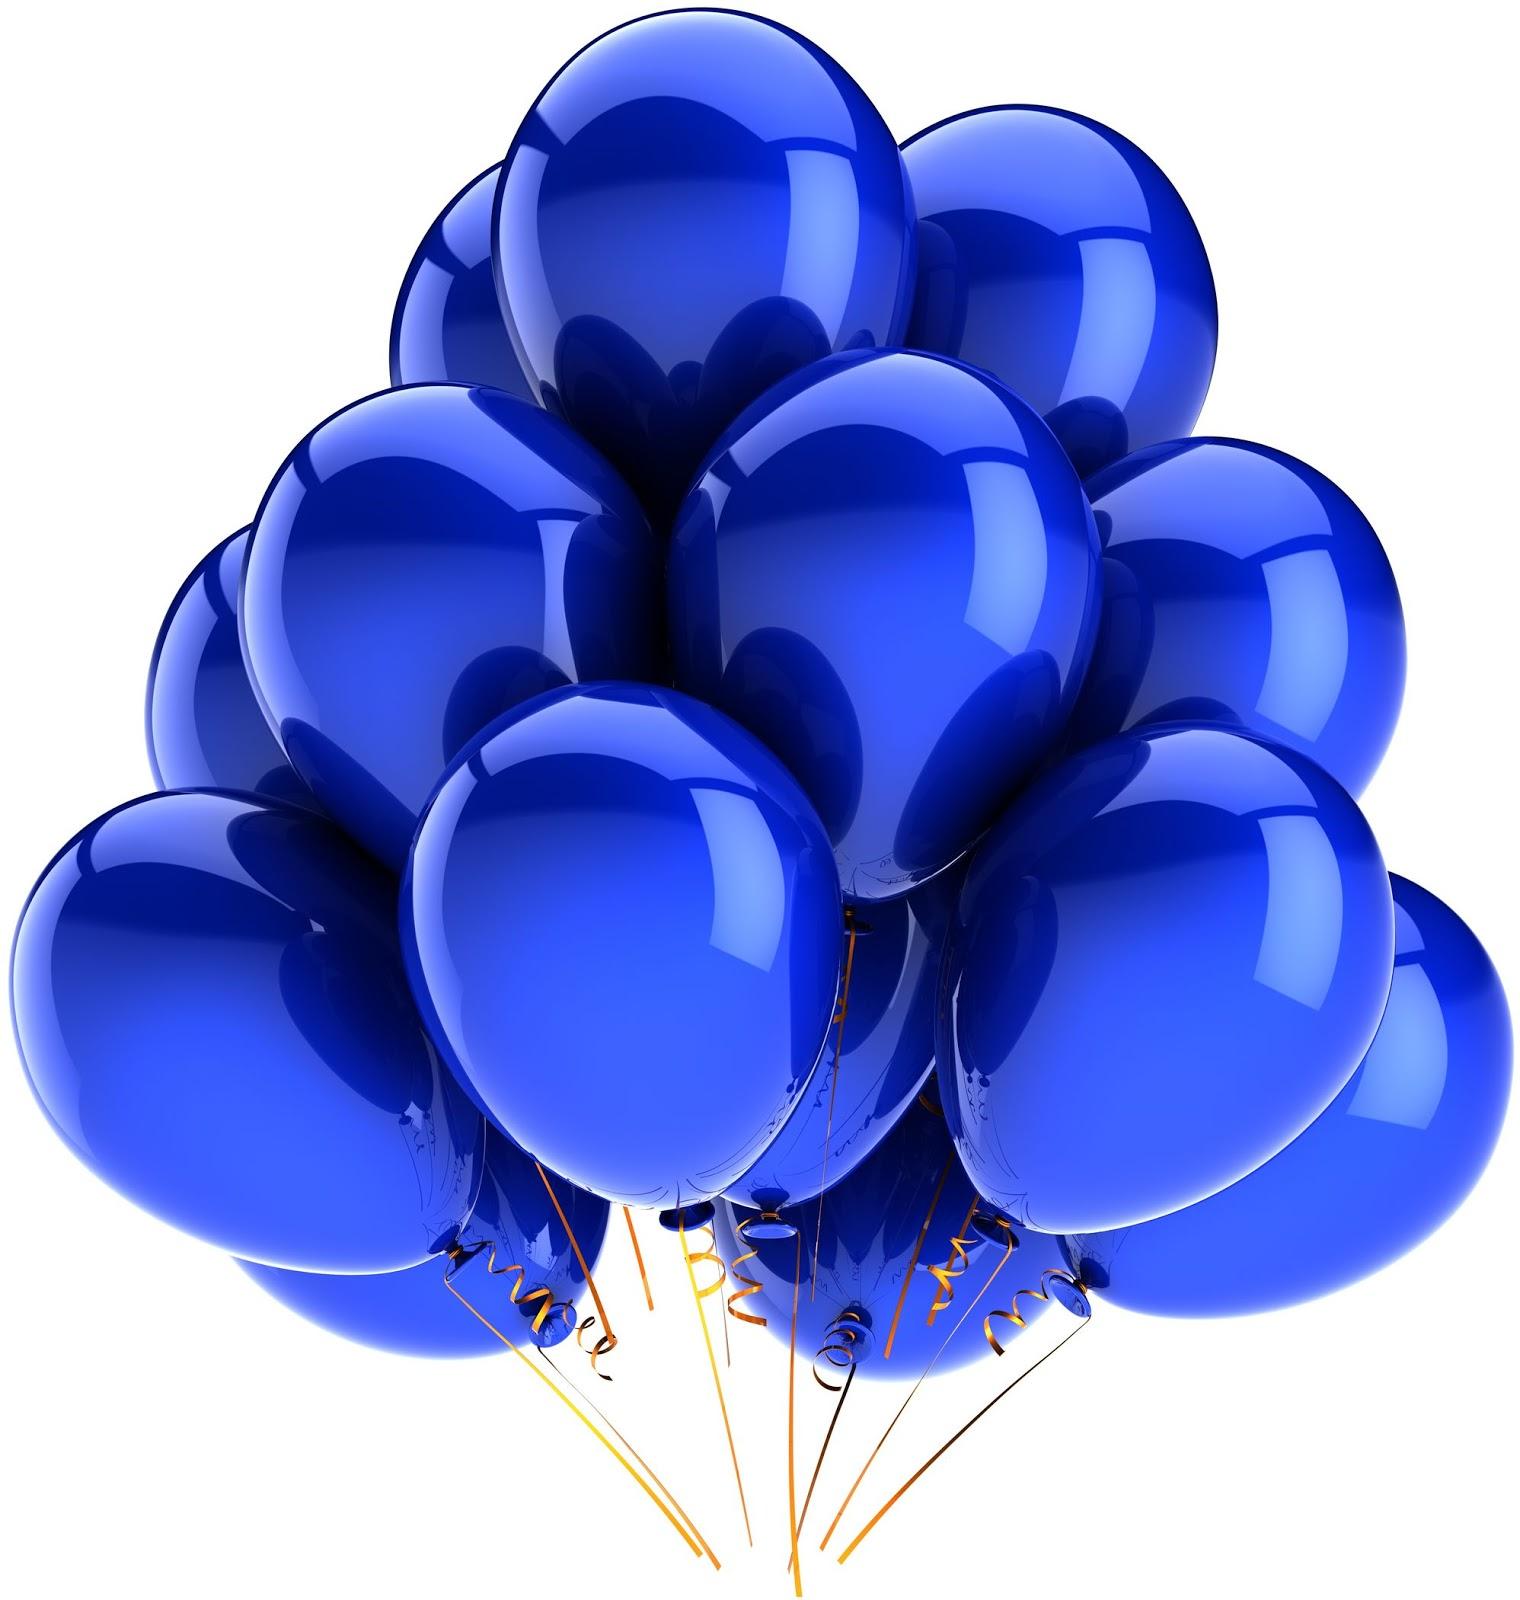 картинки воздушных разноцветных шаров голубых она очень красива